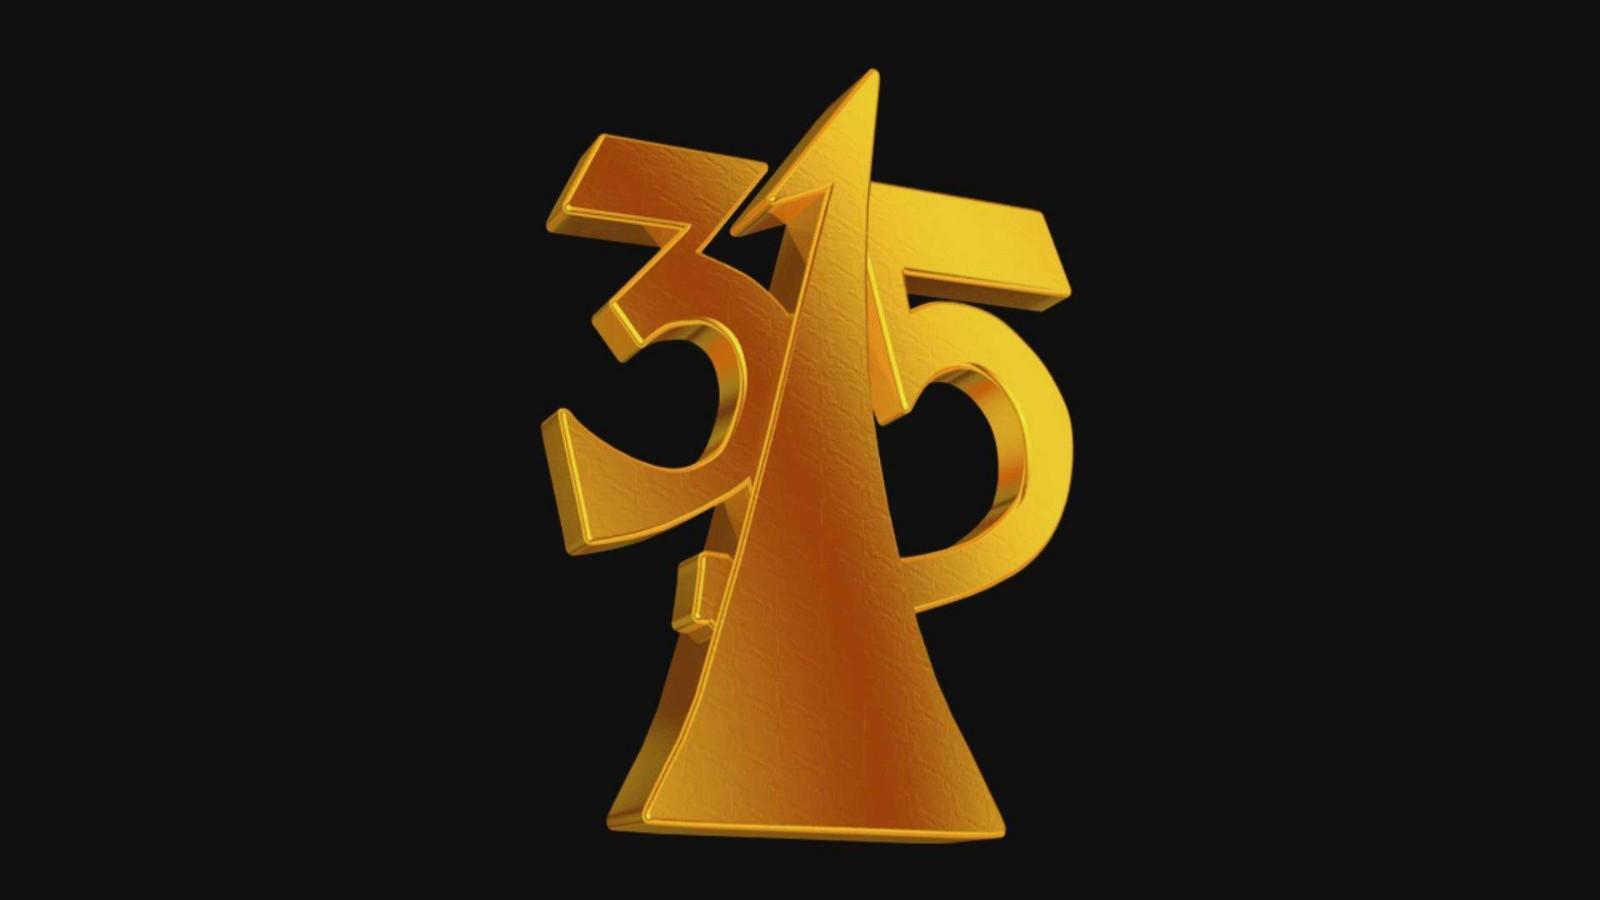 品质315|我们以专业首创者身份,守护你的权益!